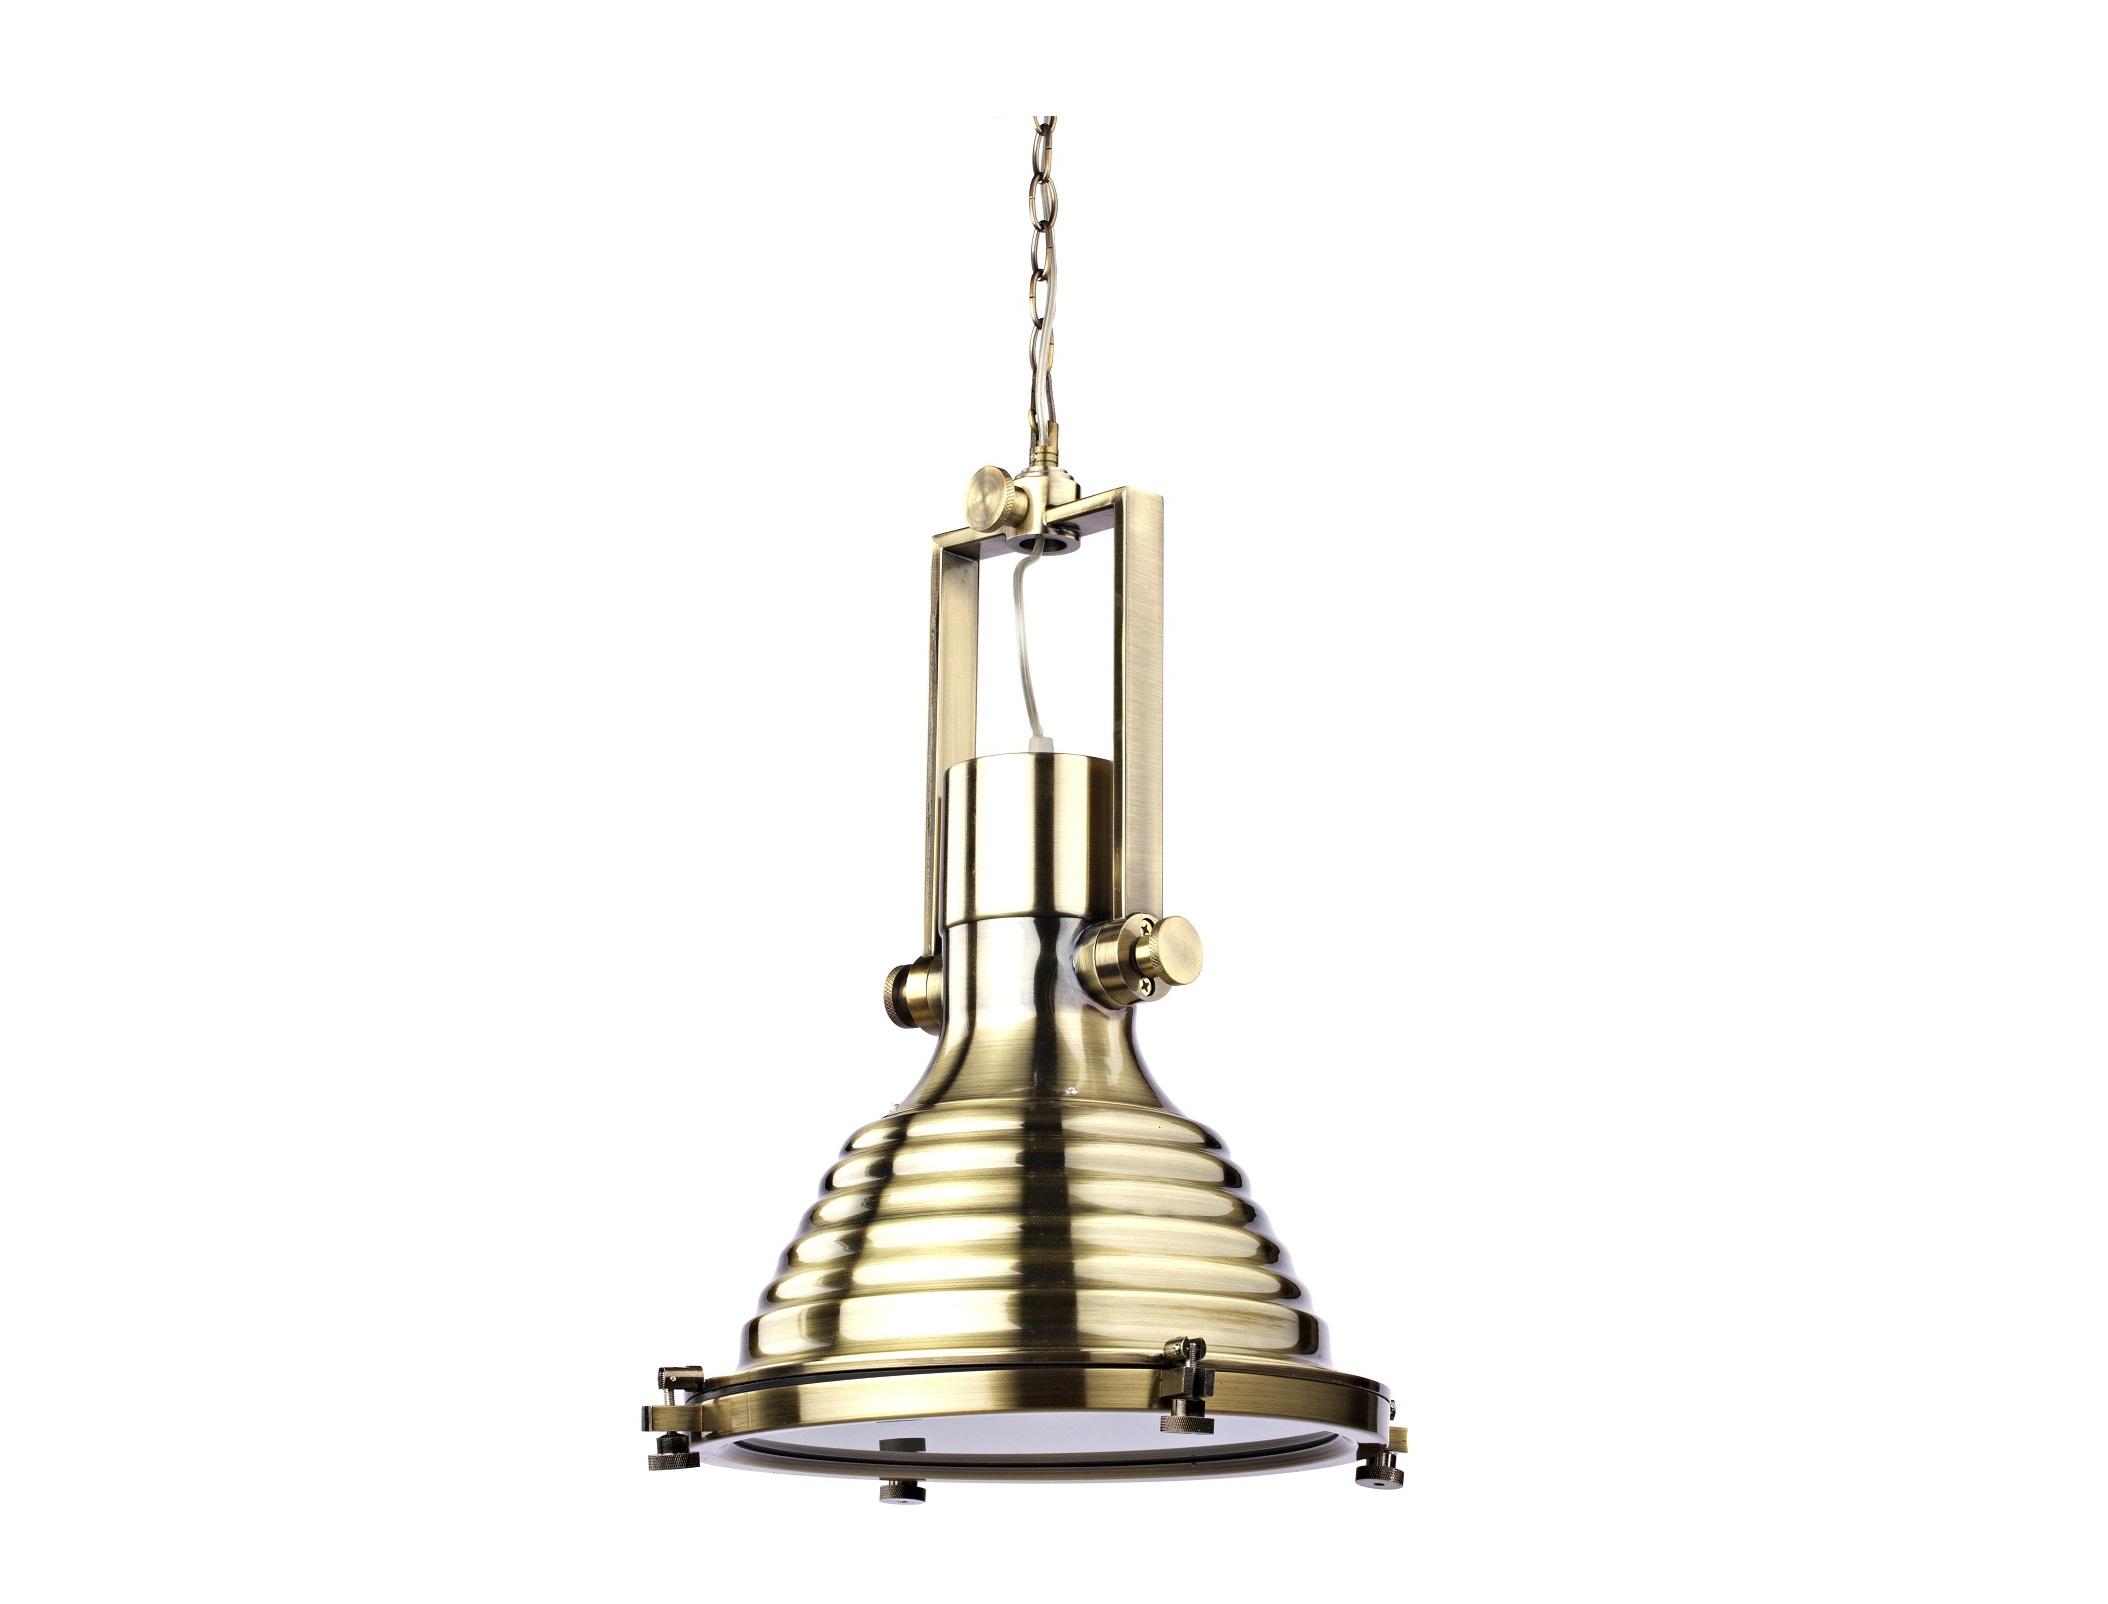 Подвесной светильник Lamp MaritimeПодвесные светильники<br>&amp;lt;div&amp;gt;Вид цоколя: E27&amp;lt;/div&amp;gt;&amp;lt;div&amp;gt;Мощность: &amp;amp;nbsp;40W&amp;amp;nbsp;&amp;lt;/div&amp;gt;&amp;lt;div&amp;gt;Количество ламп: 1 (нет в комплекте)&amp;lt;/div&amp;gt;<br><br>Material: Металл<br>Высота см: 60